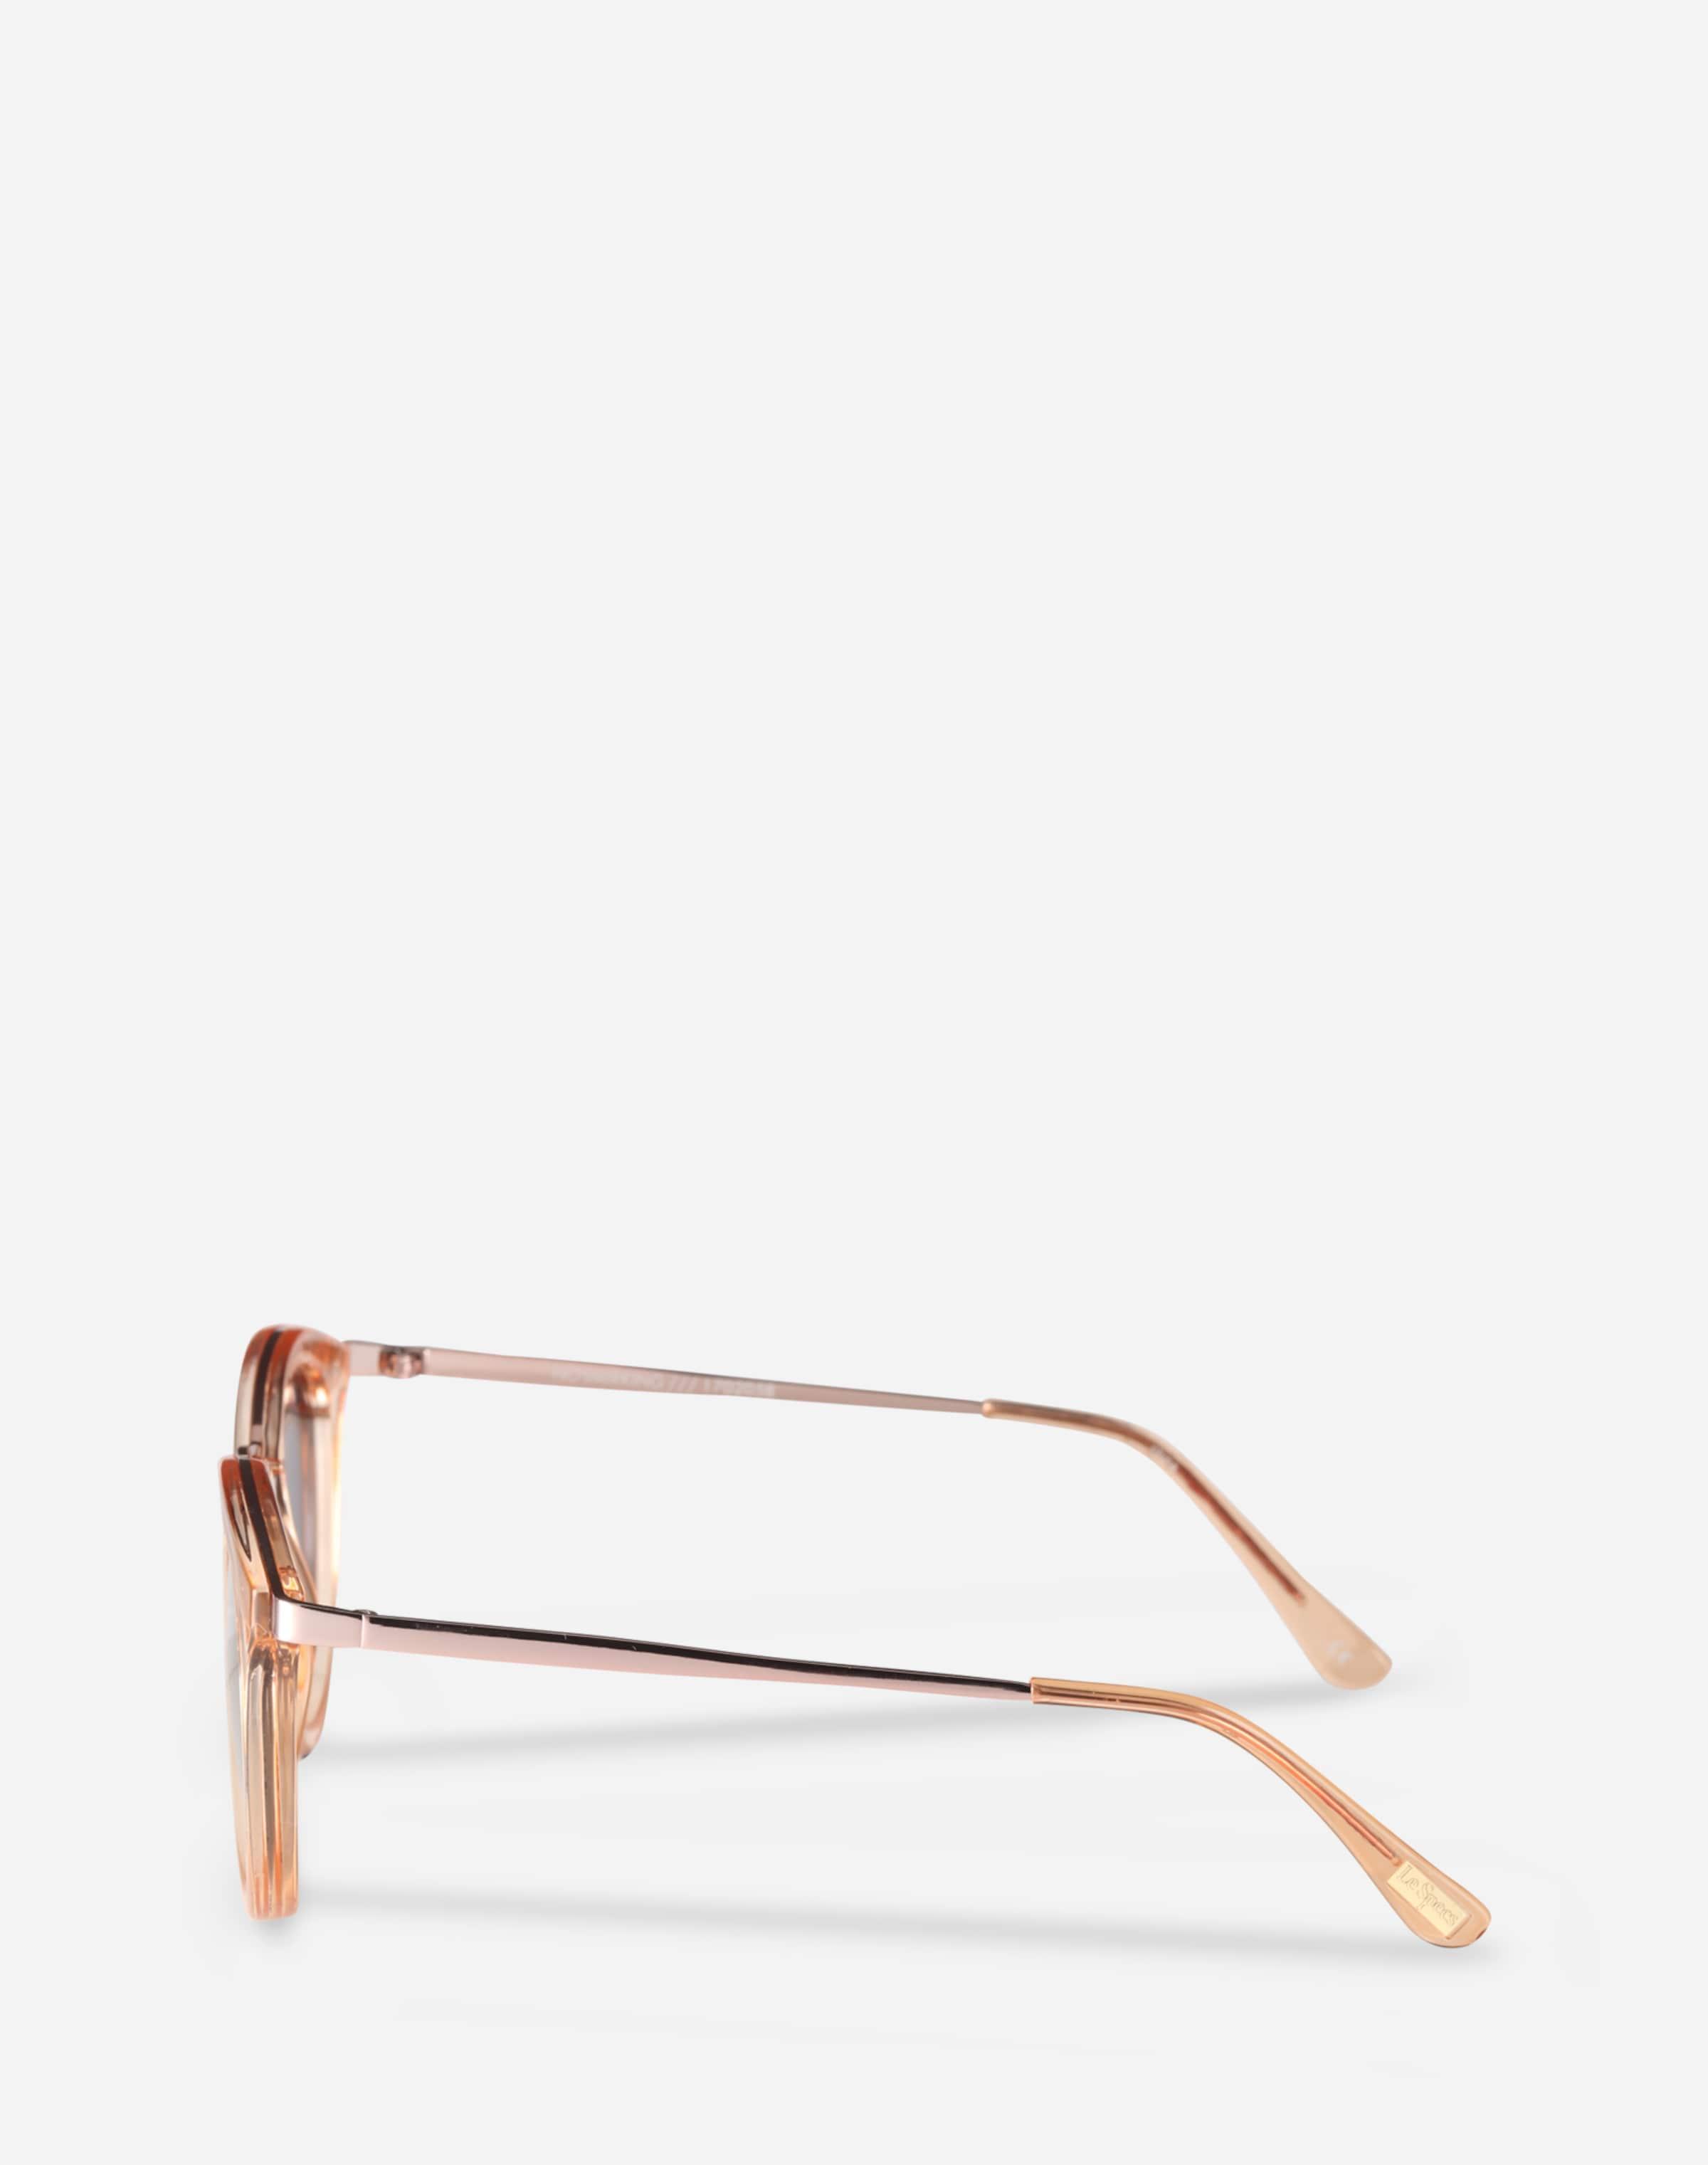 Großer Verkauf Verkauf Online Billig Verkauf 2018 Neueste LE SPECS Sonnenbrille 'No Smirking' Billig Verkauf Bester Platz QCLLWKycQ